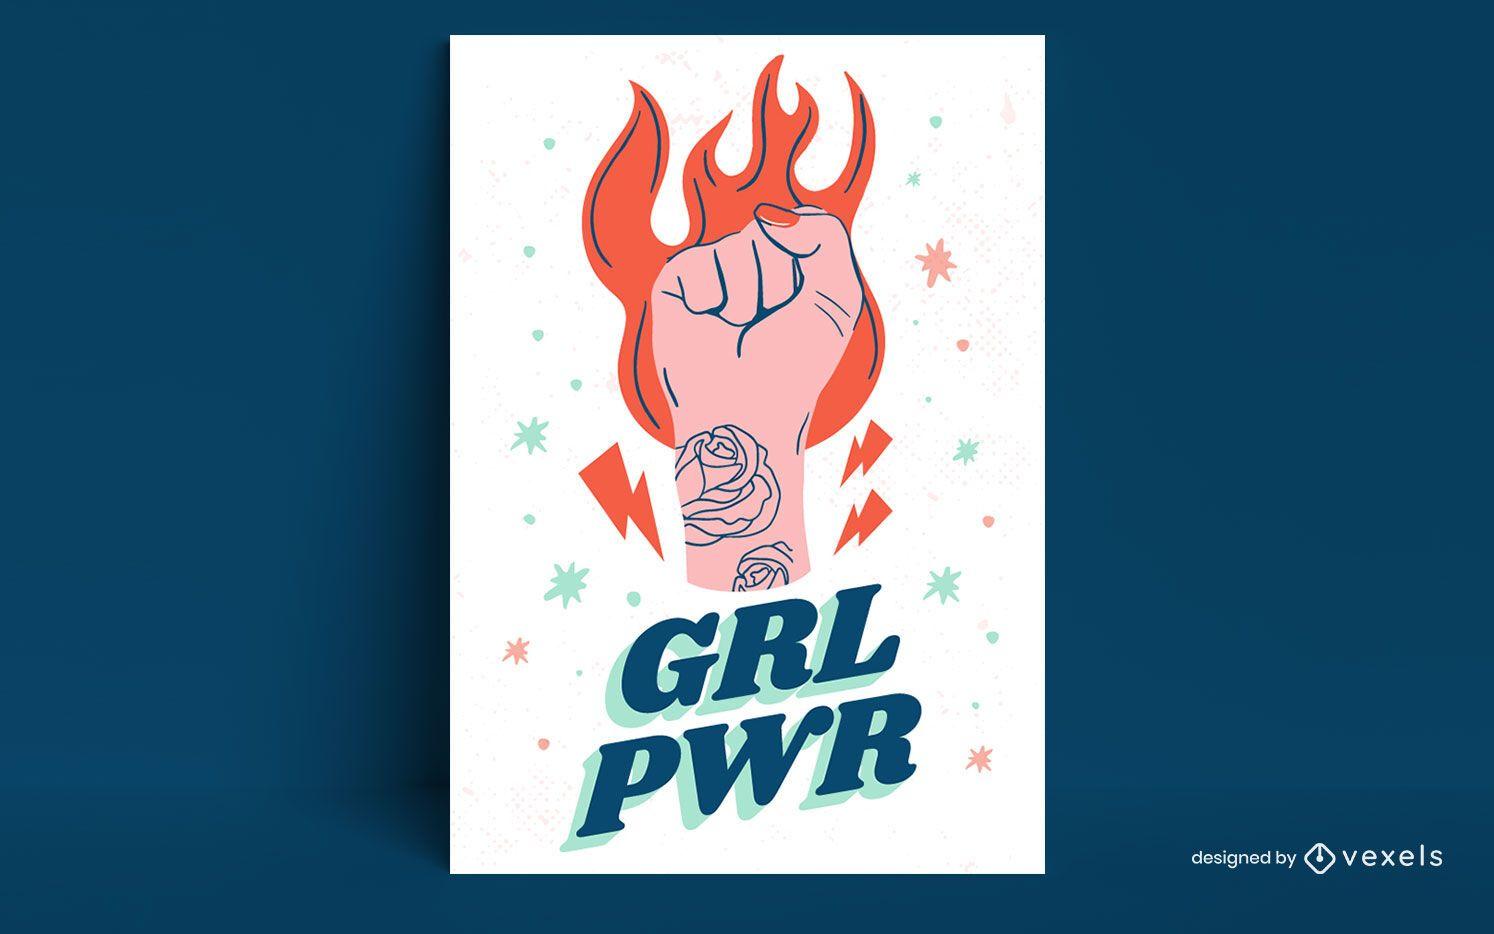 Grl pwr poster design